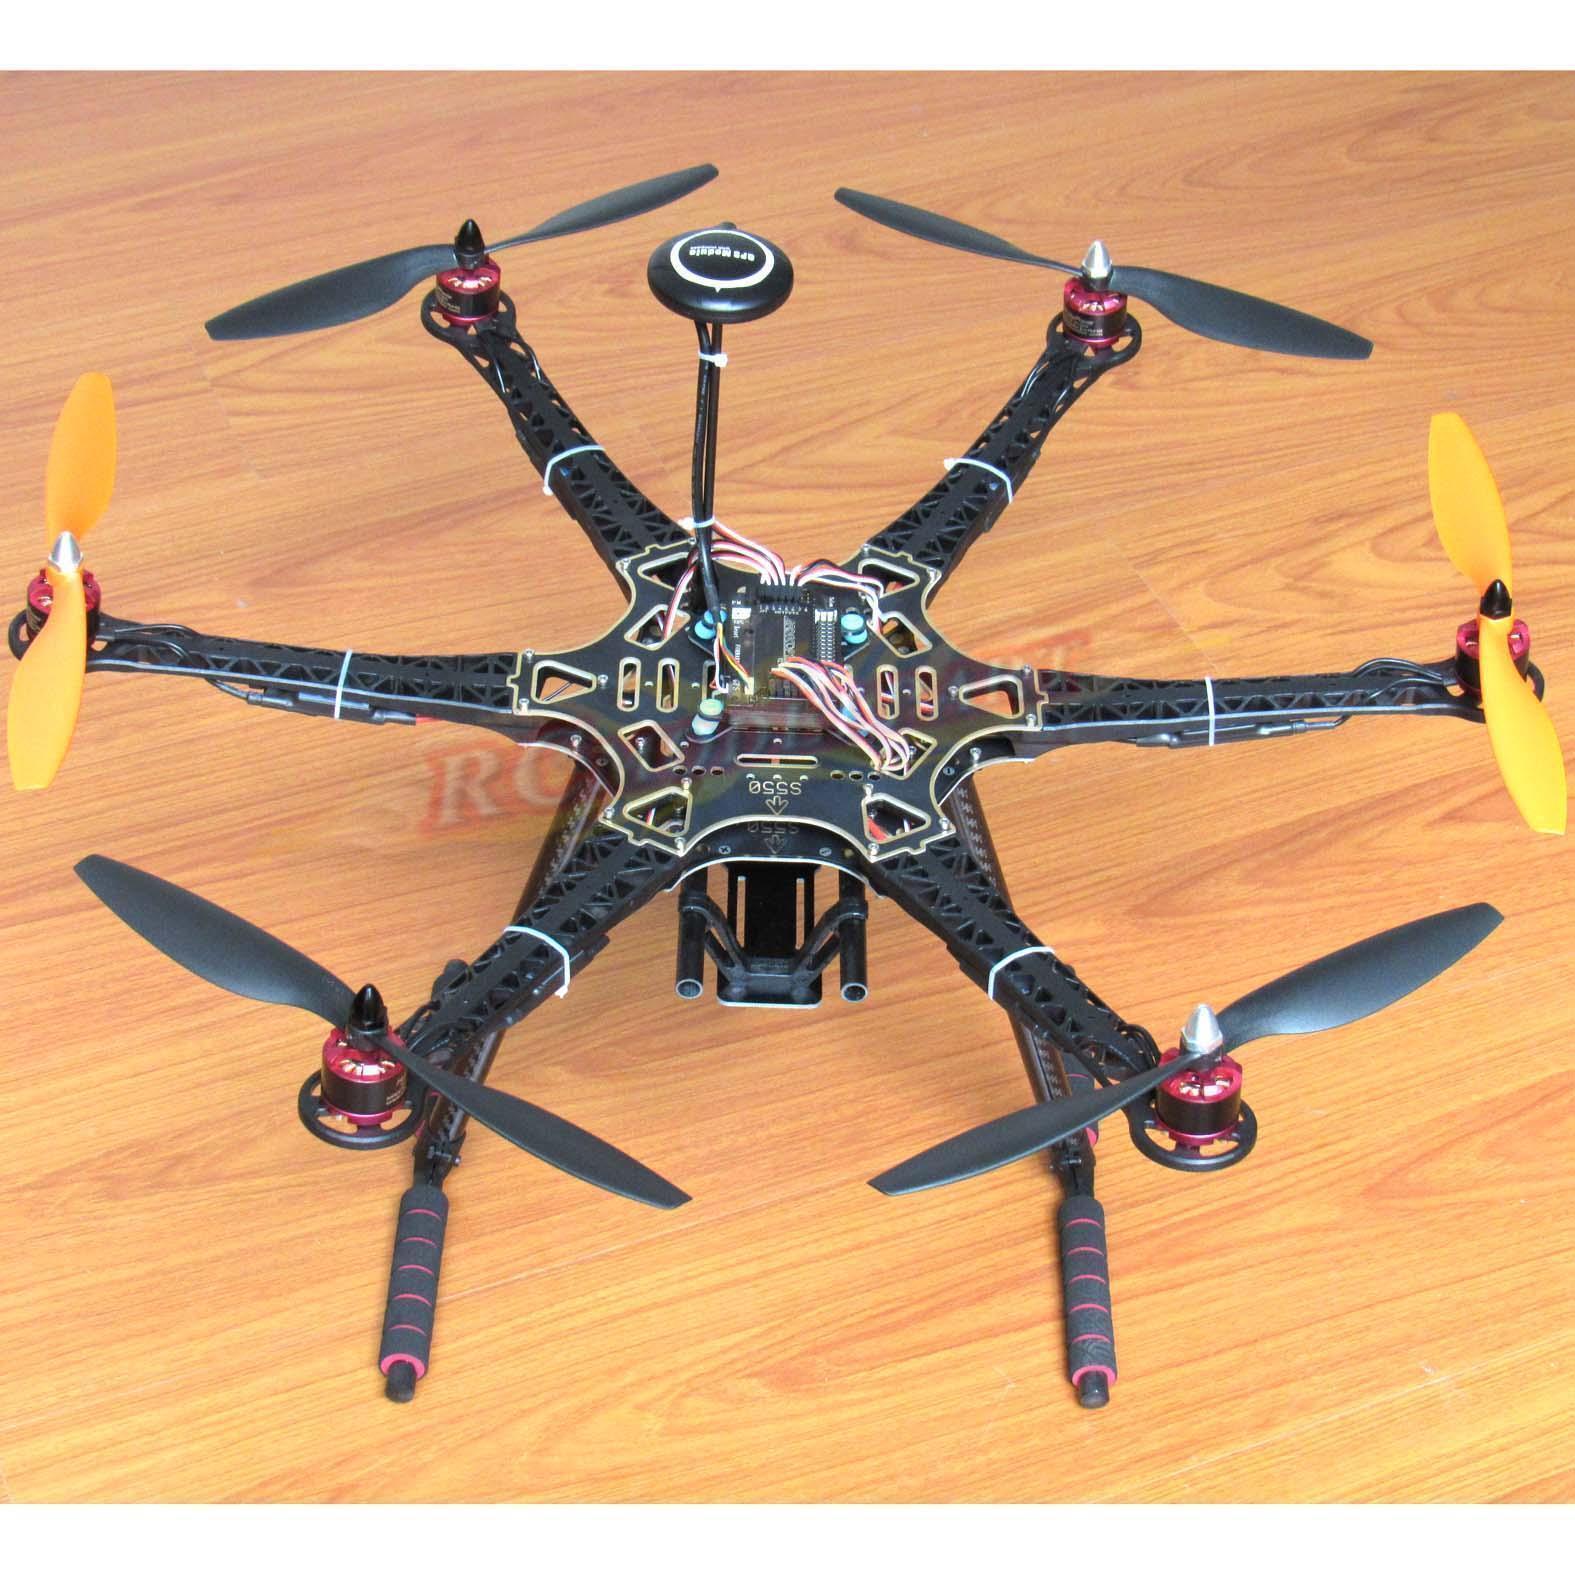 DIY S550 Hexacopter APM2.8 FC NEO-7M GPS HP2212 920KV BL Motor Simonk 30A ESC